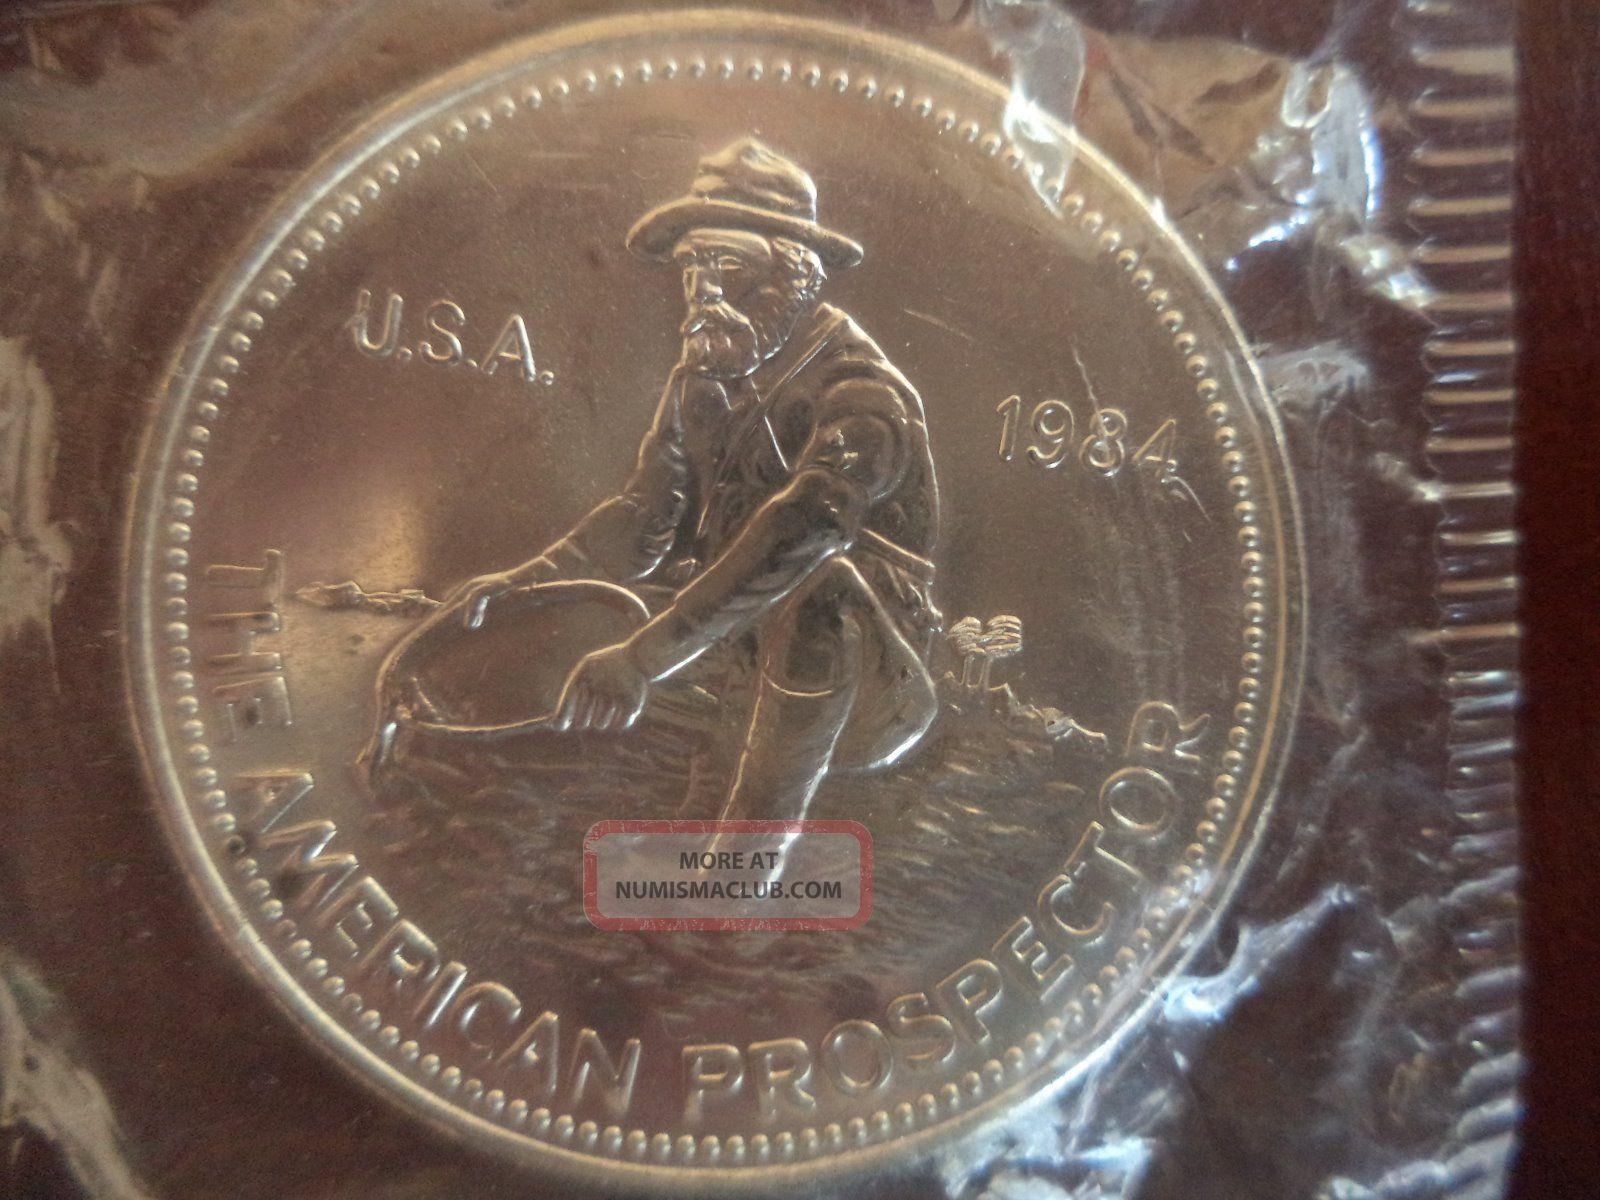 Engelhard 1 Troy Oz 1984 American Prospector 999 Silver